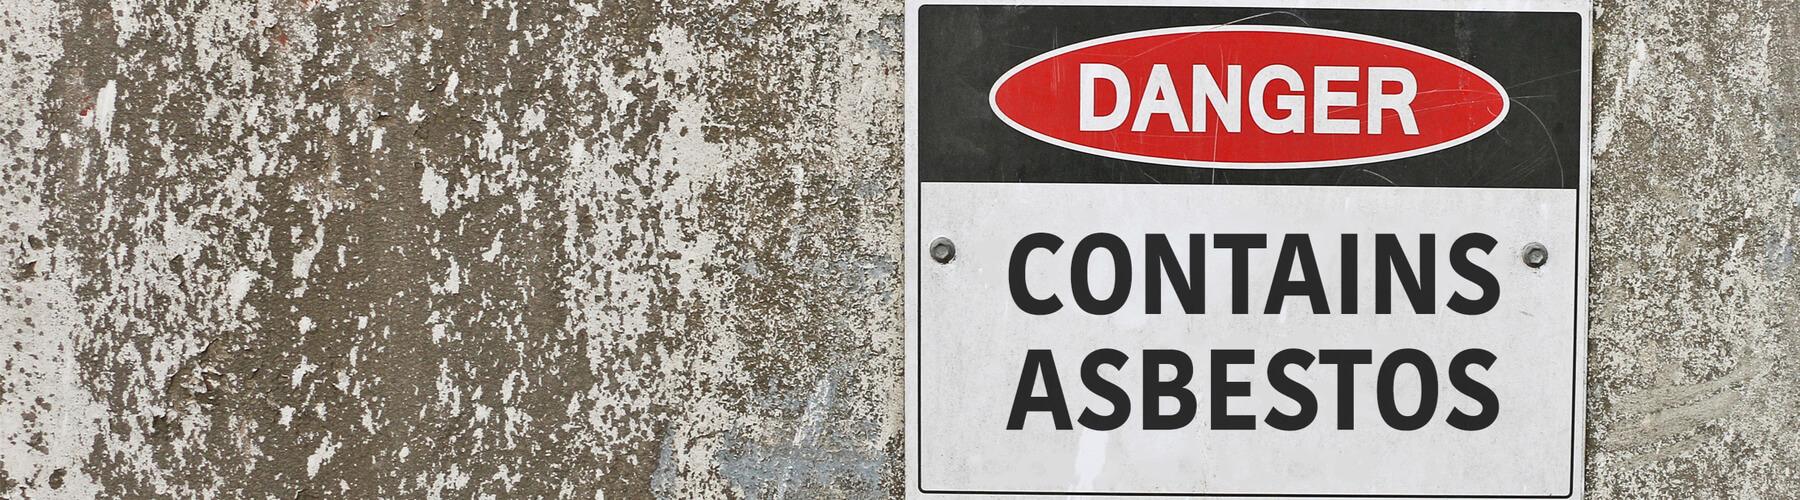 21++ Asbestos 30 minute excursion